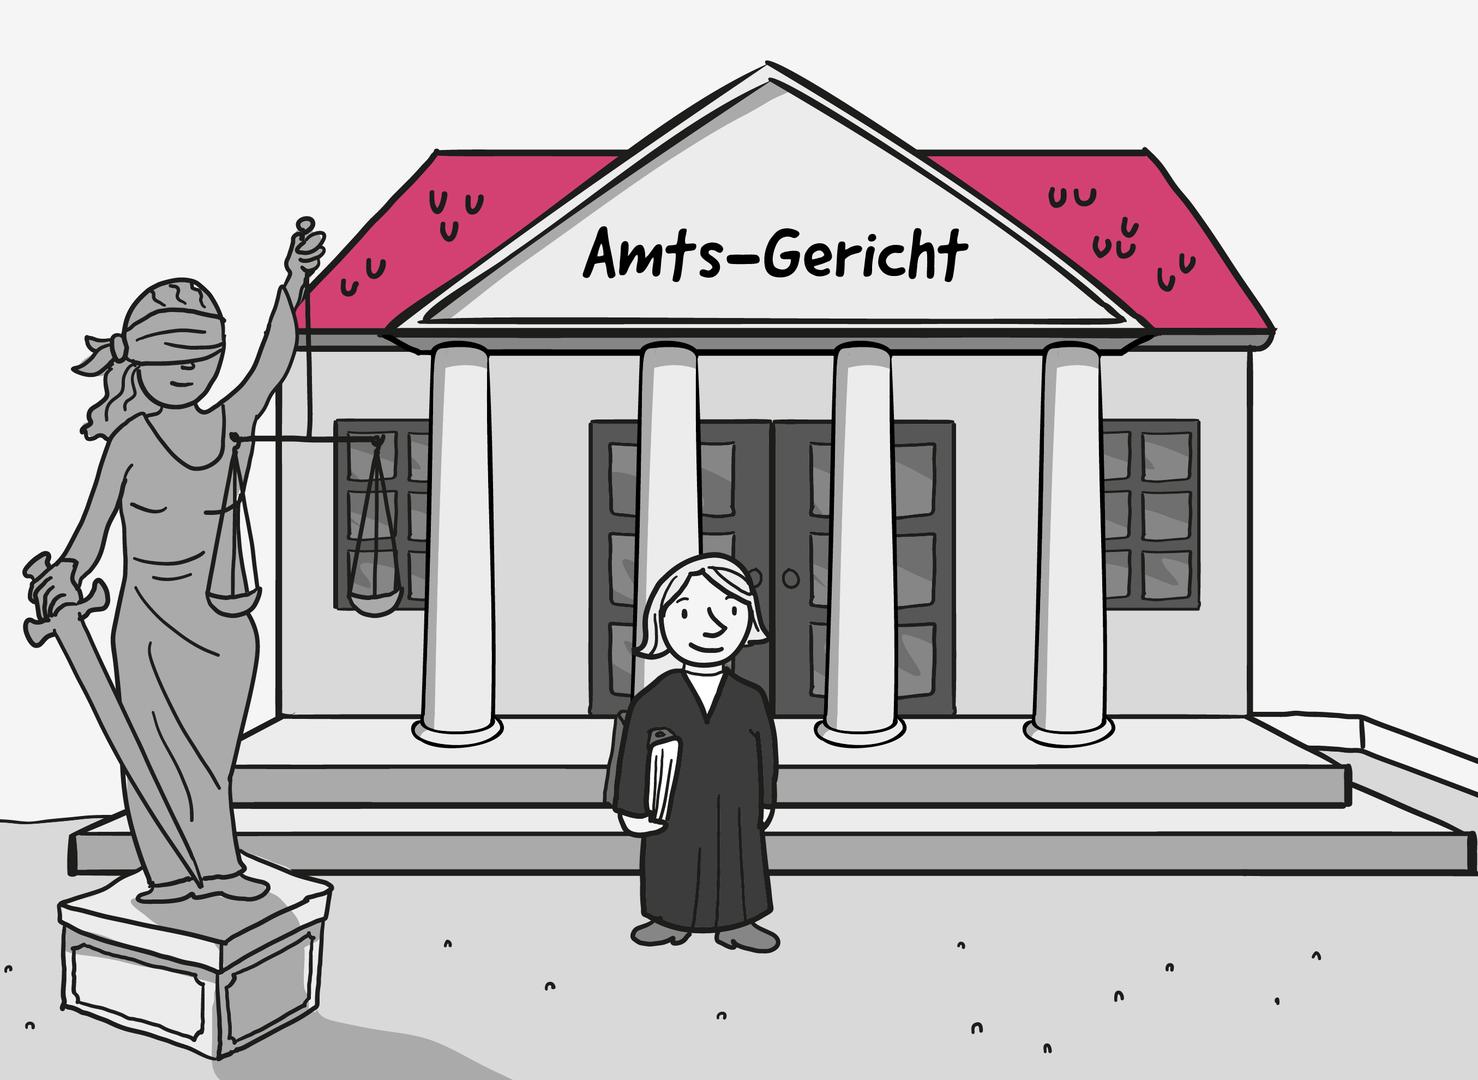 Eine Frau in einer schwarzen Robe steht vor einem alten Gebäude mit einem Säulen-Eingang. Der Dach-Giebel vom Gebäude trägt die Aufschrift: Amts-Gericht. Auf dem Vorplatz steht eine Statue aus Stein: Die Figur Justizia mit dem Schwert, der Waage und verbundenen Augen.